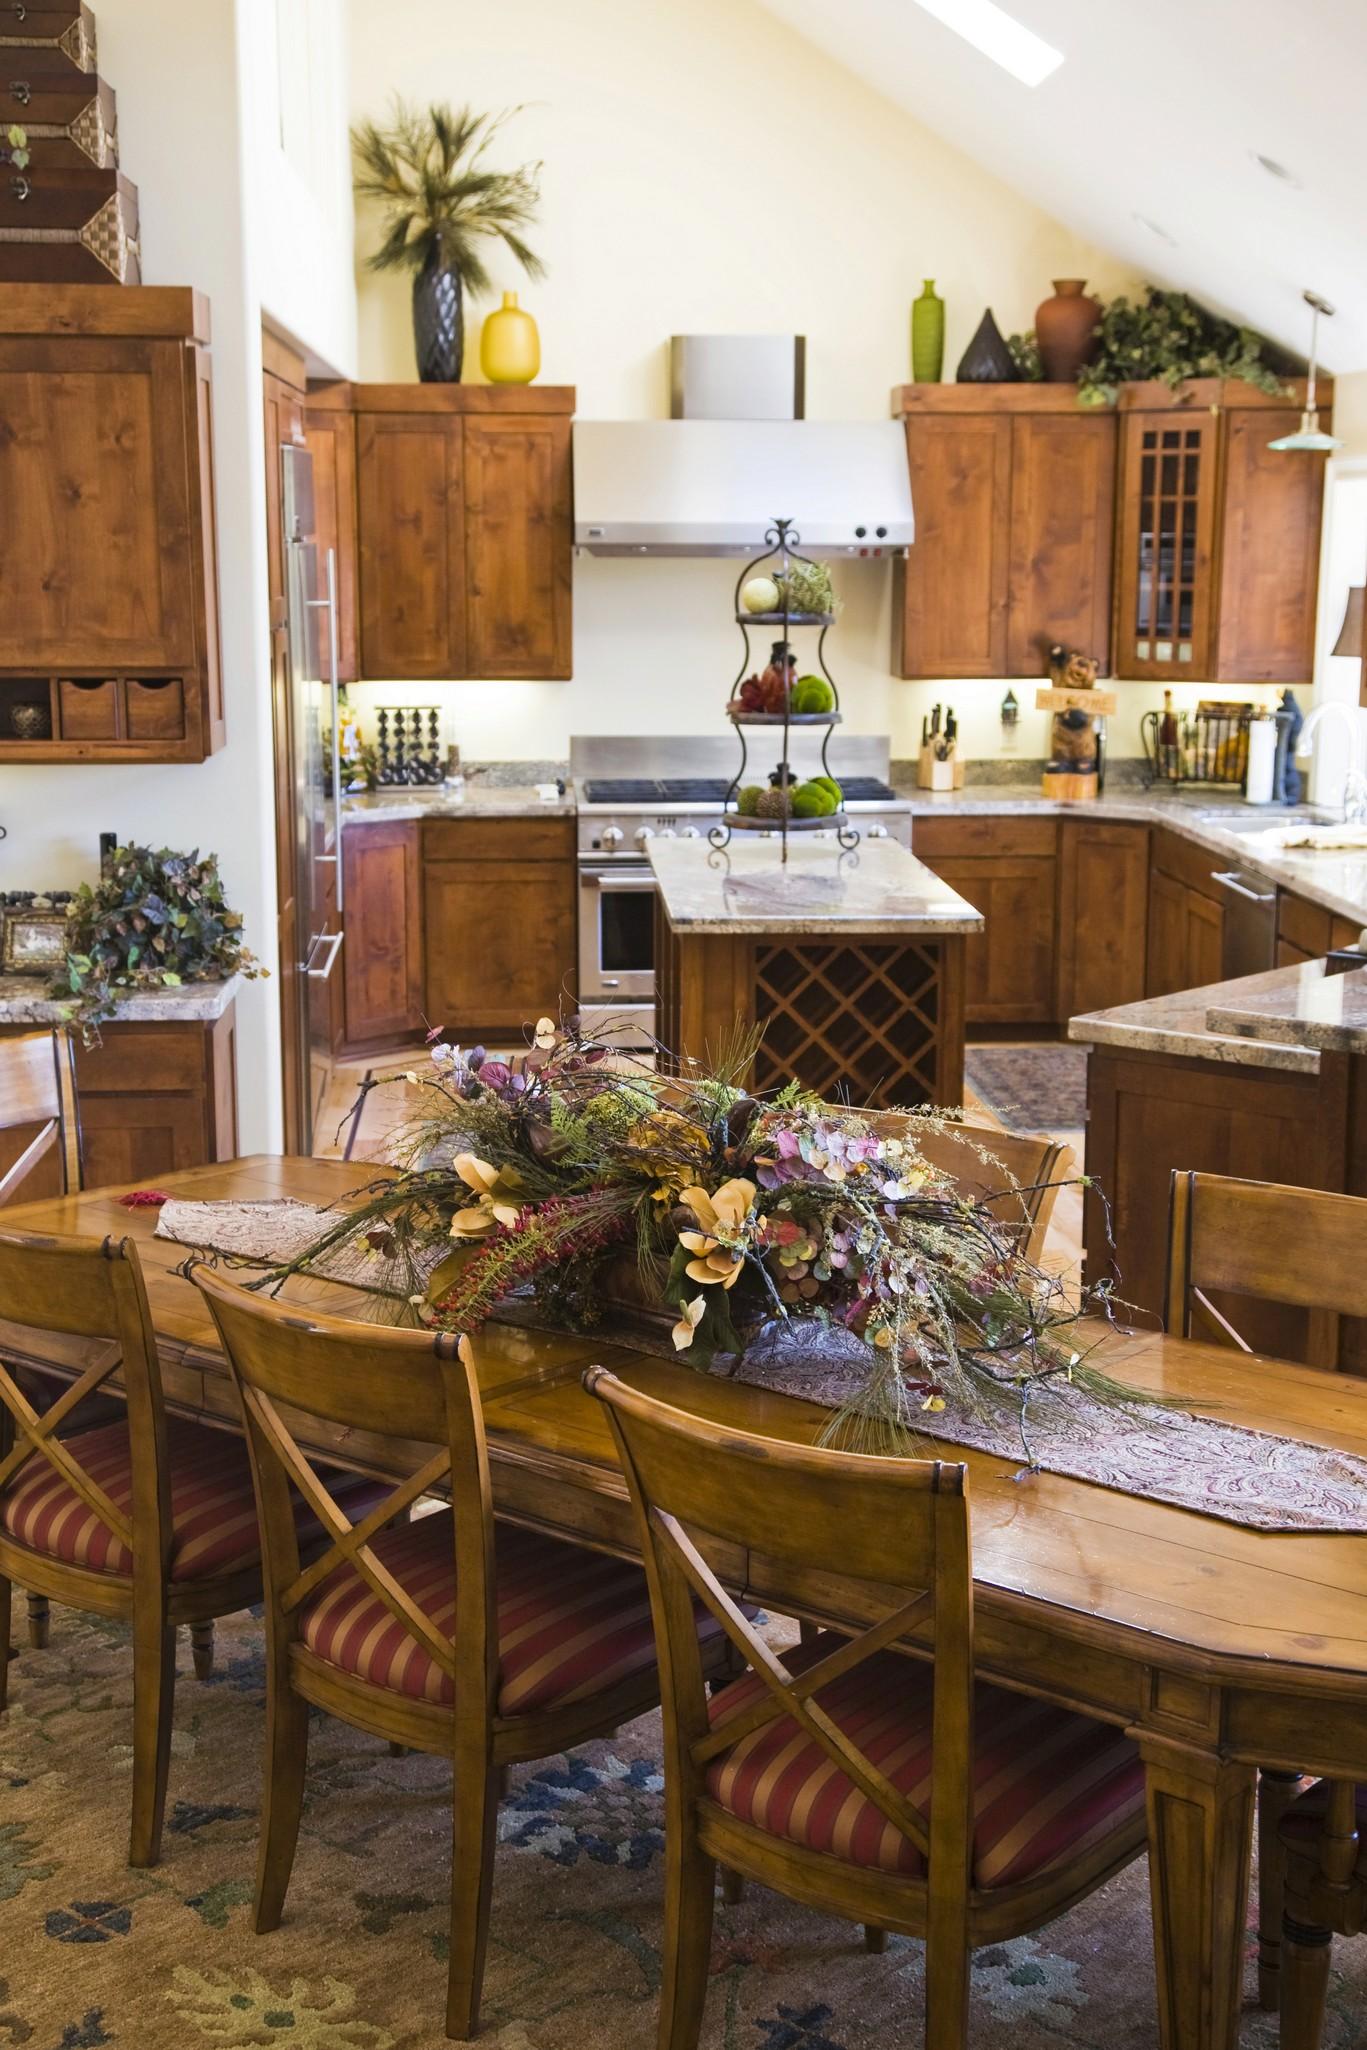 Kitchen styles stock cabinet express - Como decorar una cocina rustica ...